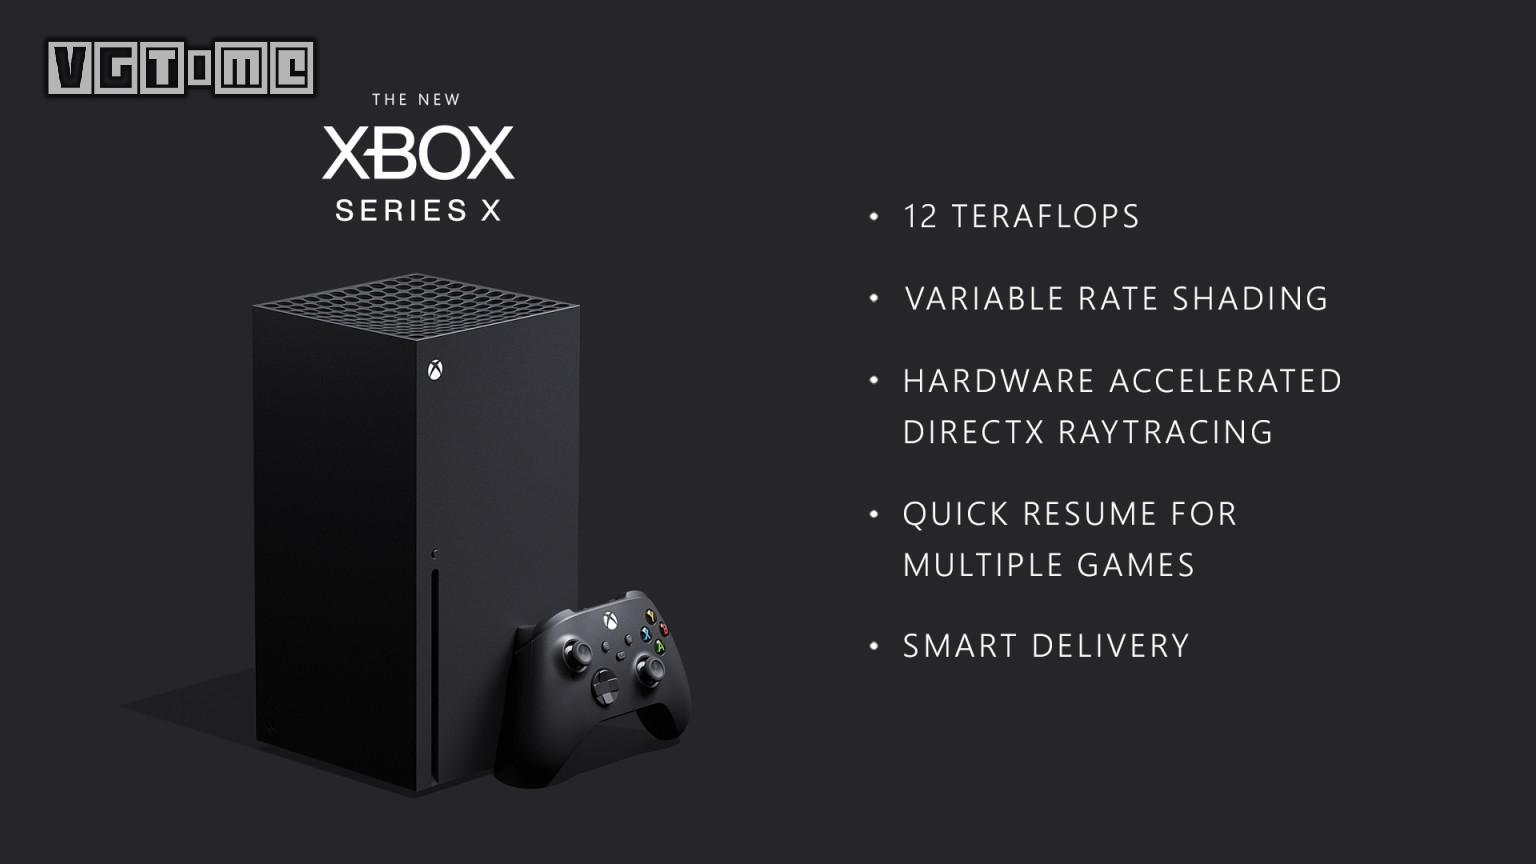 除了12TF的强大性能,次世代Xbox还给了我们哪些期待?